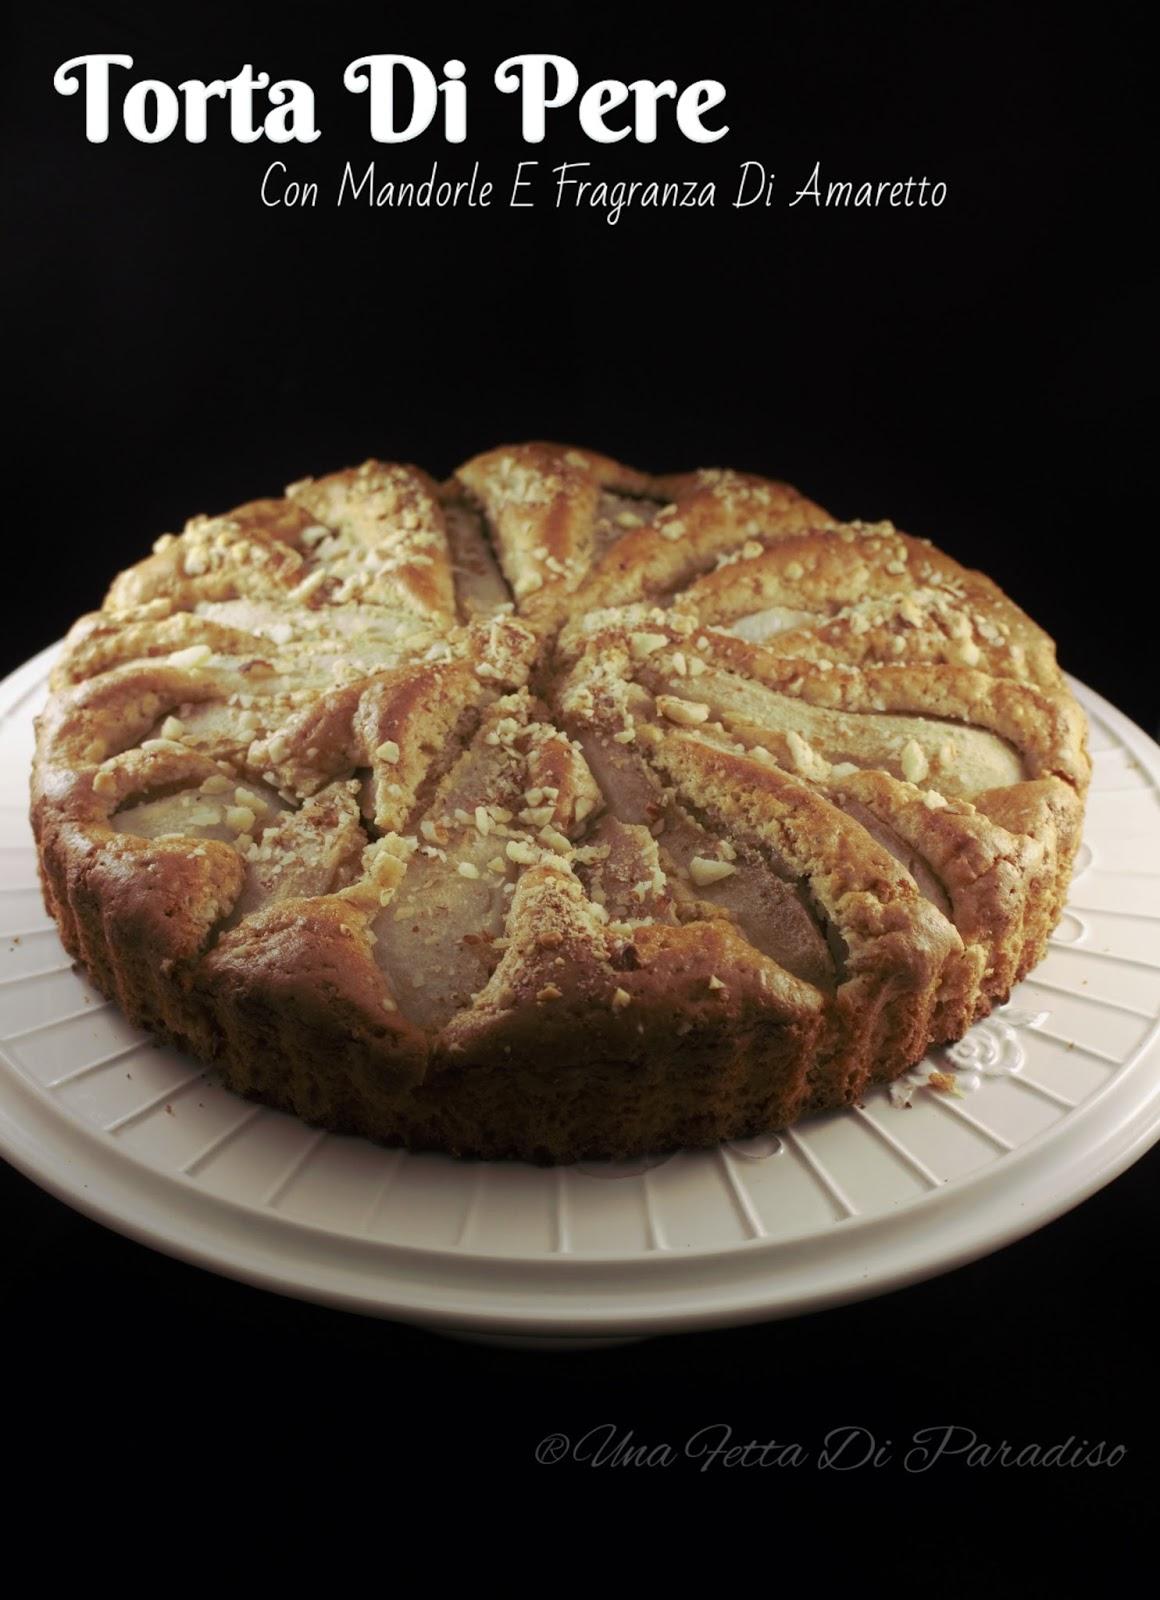 Immagine del dolce Torta di pere con mandorle e fragranza di amaretto dal blog Una Fetta di Paradiso